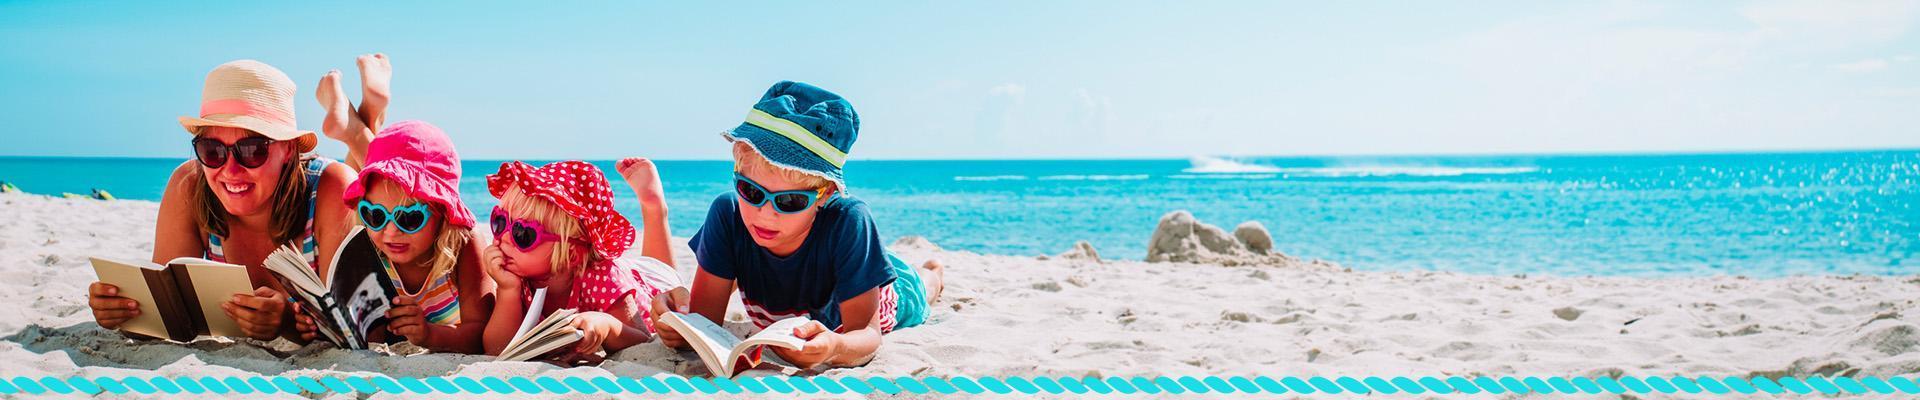 Rodzina czytająca książki na plaży